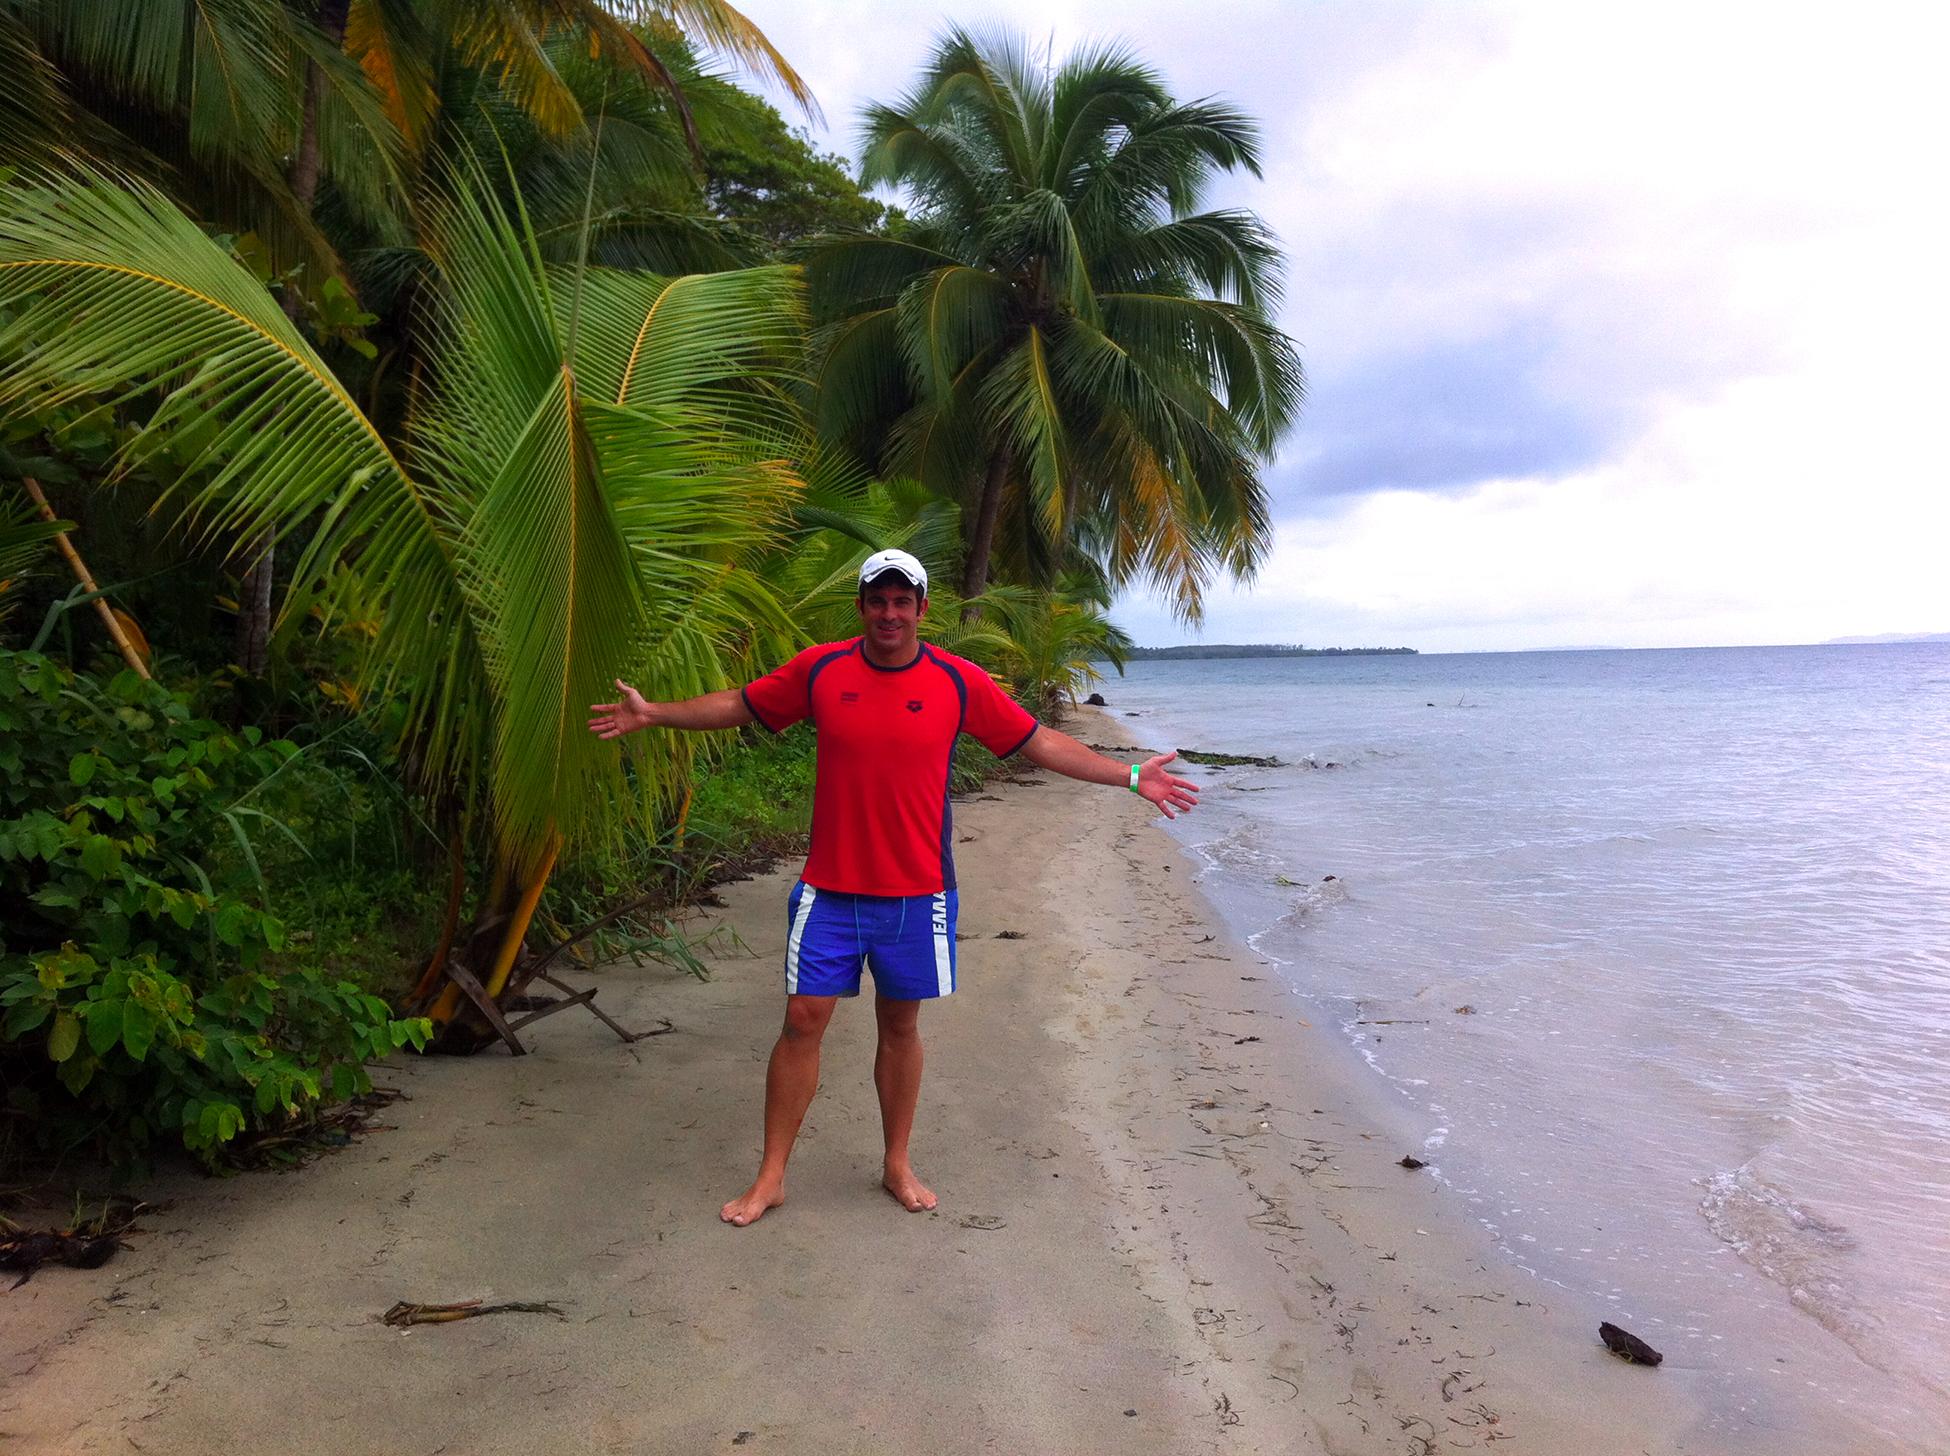 Viajar a Costa Rica / Ruta por Costa Rica en 3 semanas ruta por costa rica - 38217198132 b43a5d4b6d o - Ruta por Costa Rica en 3 semanas